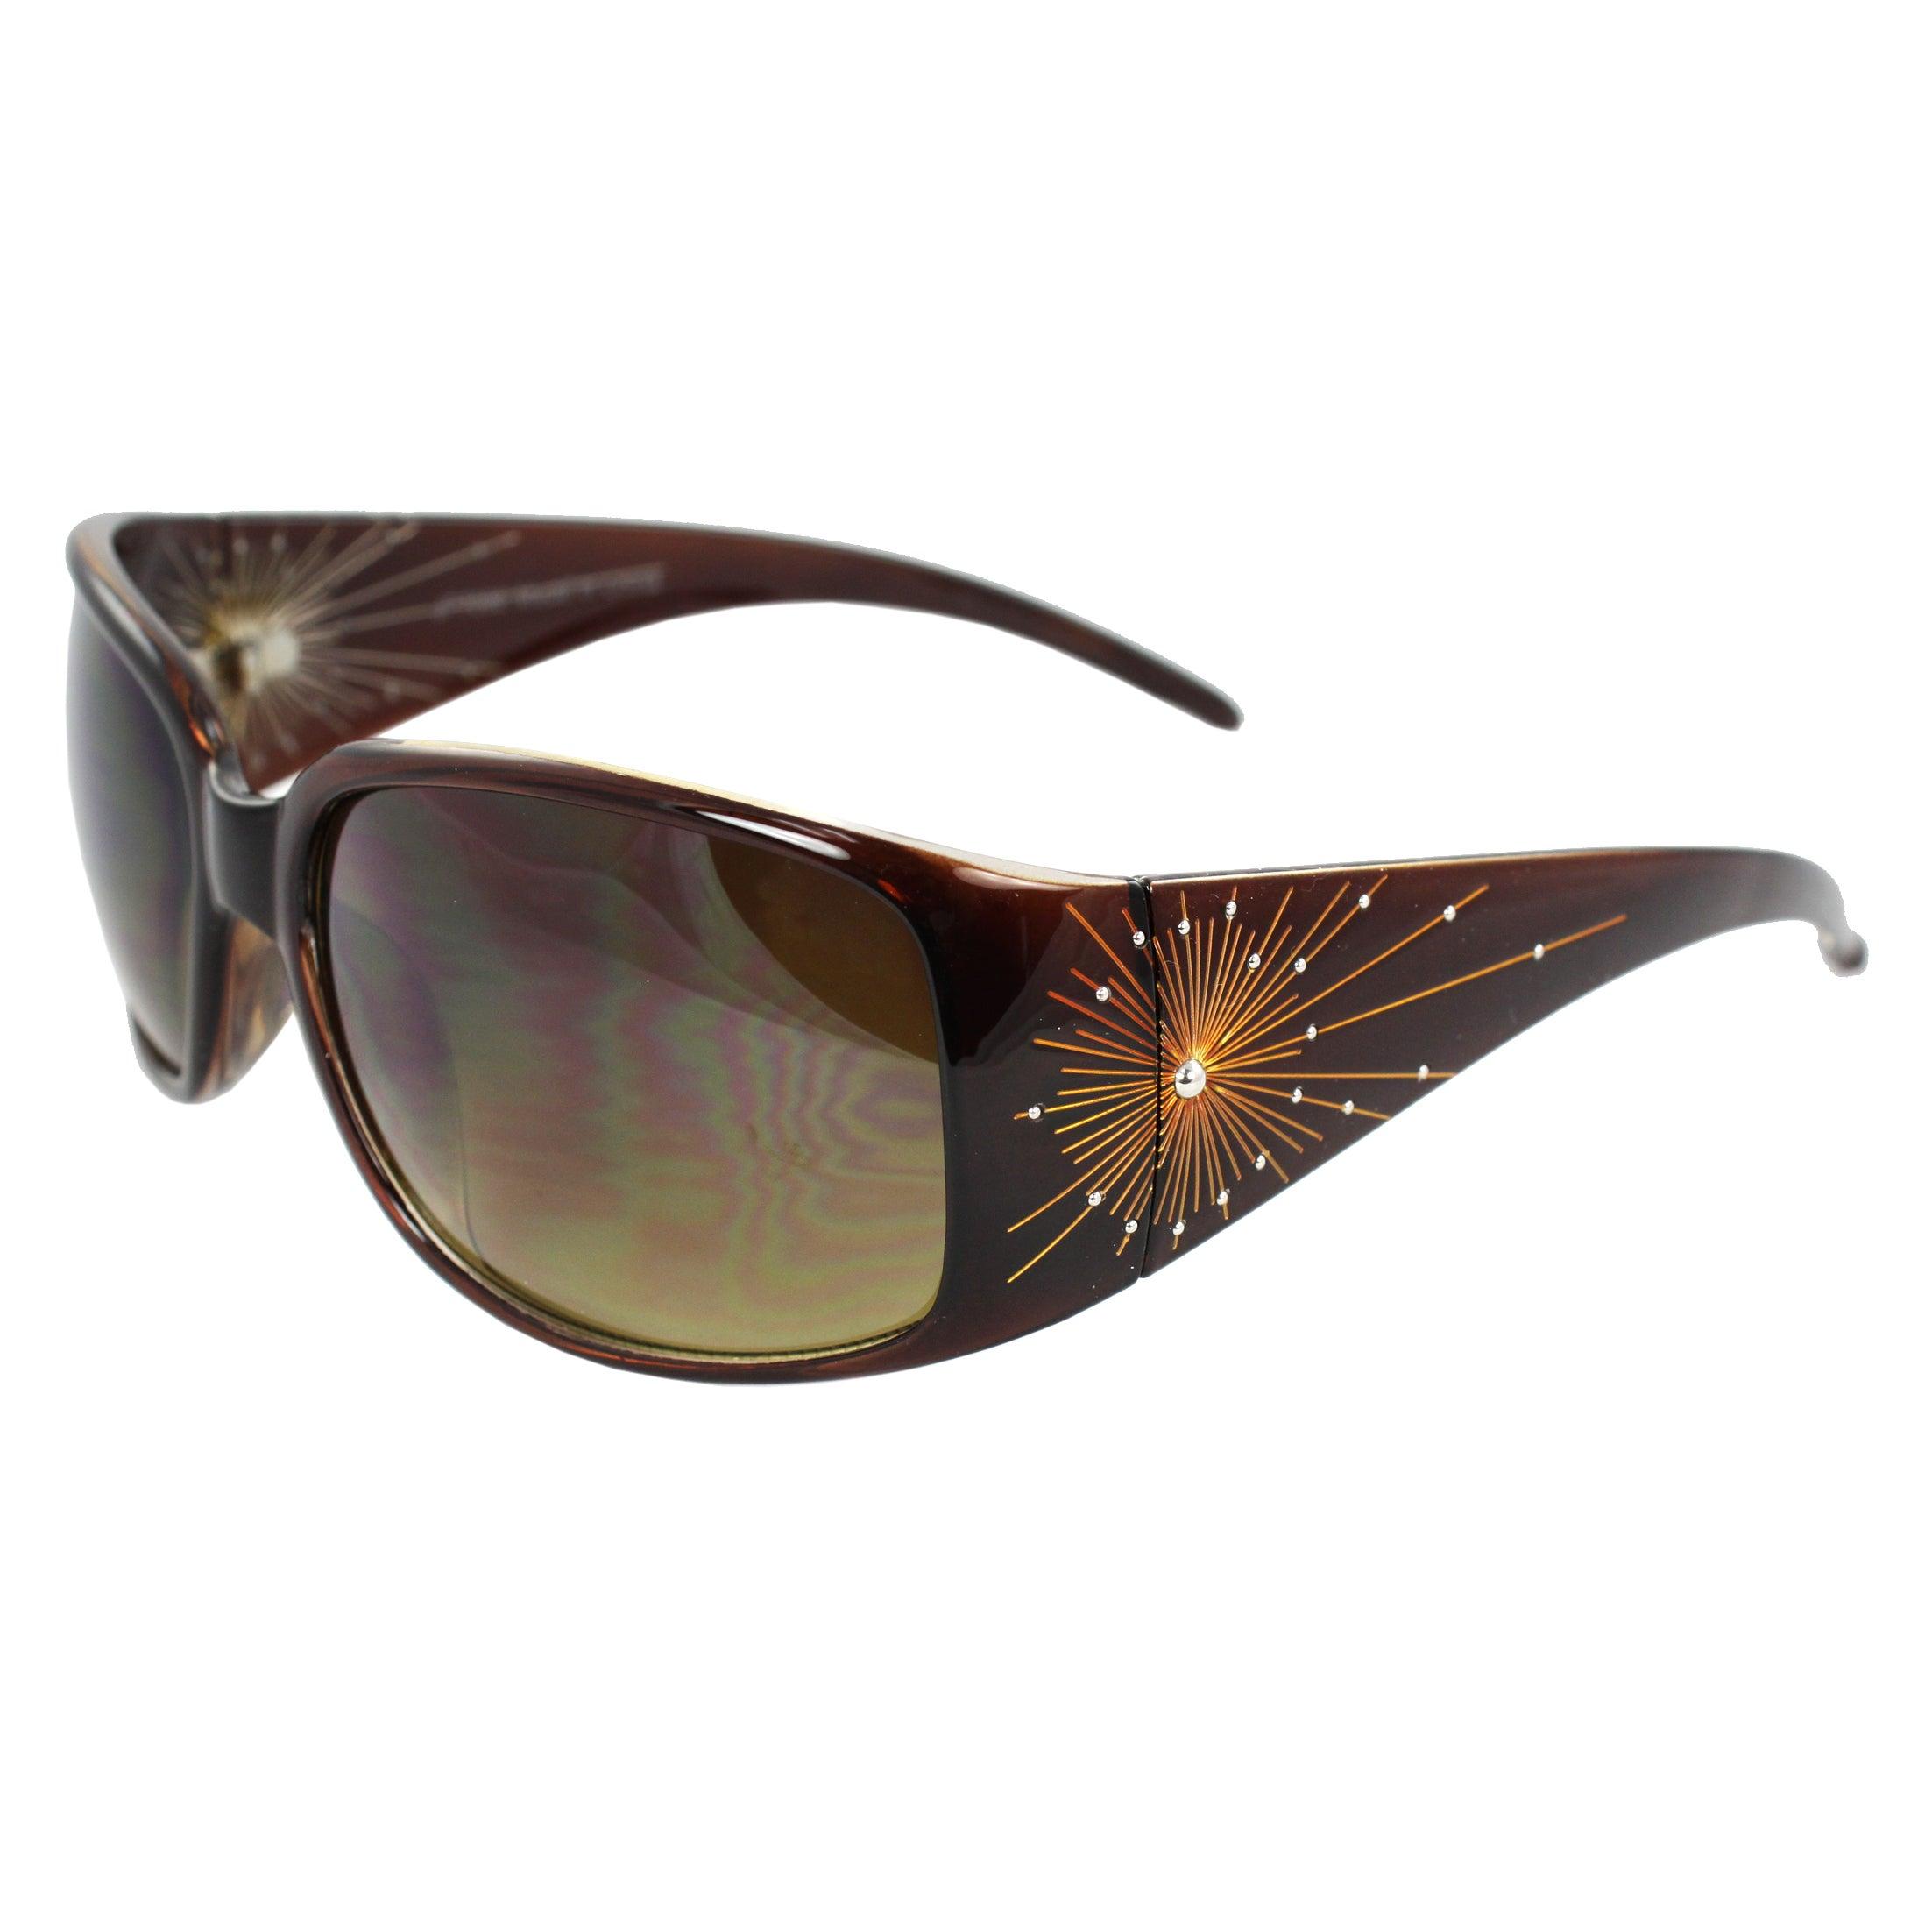 Women's Brown Square Sunglasses